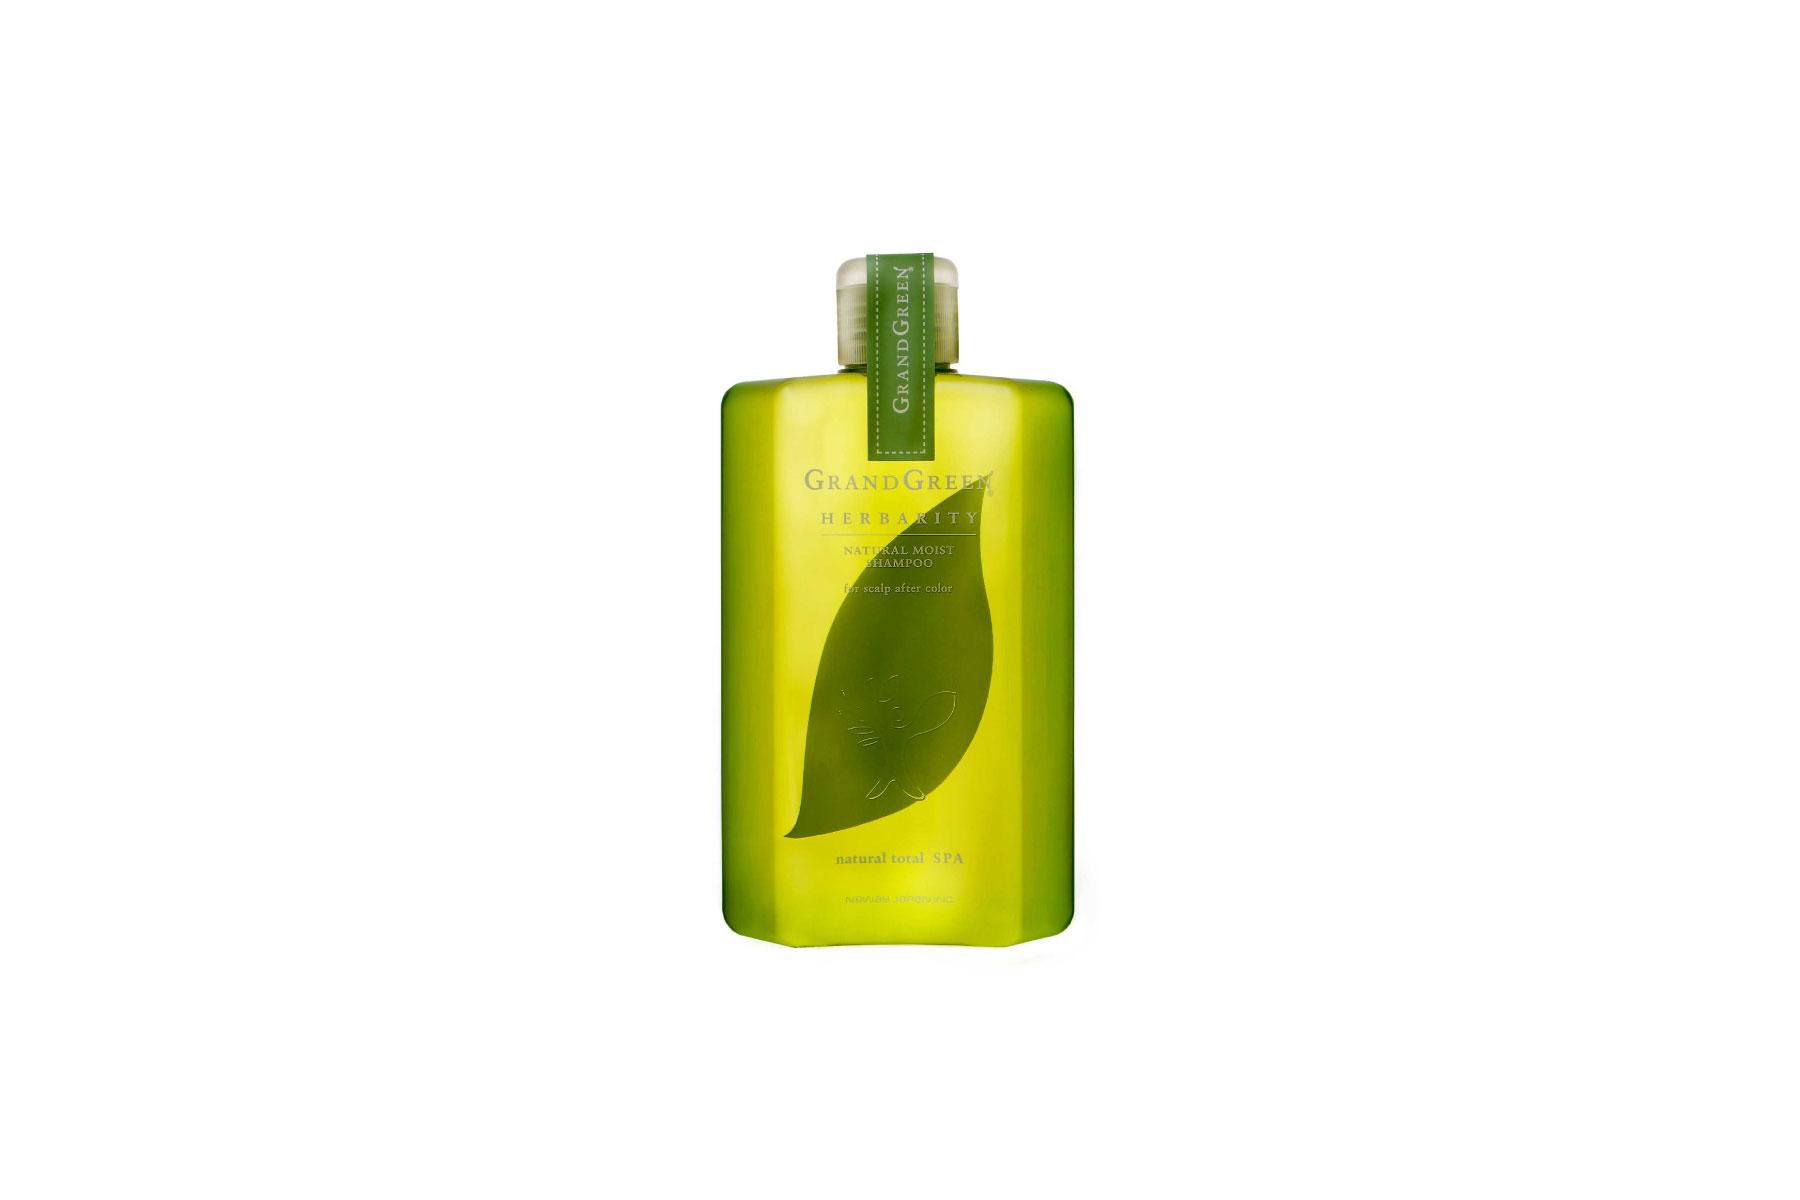 ナチュラルモイストシャンプー グラングリーン (grand green) 画像